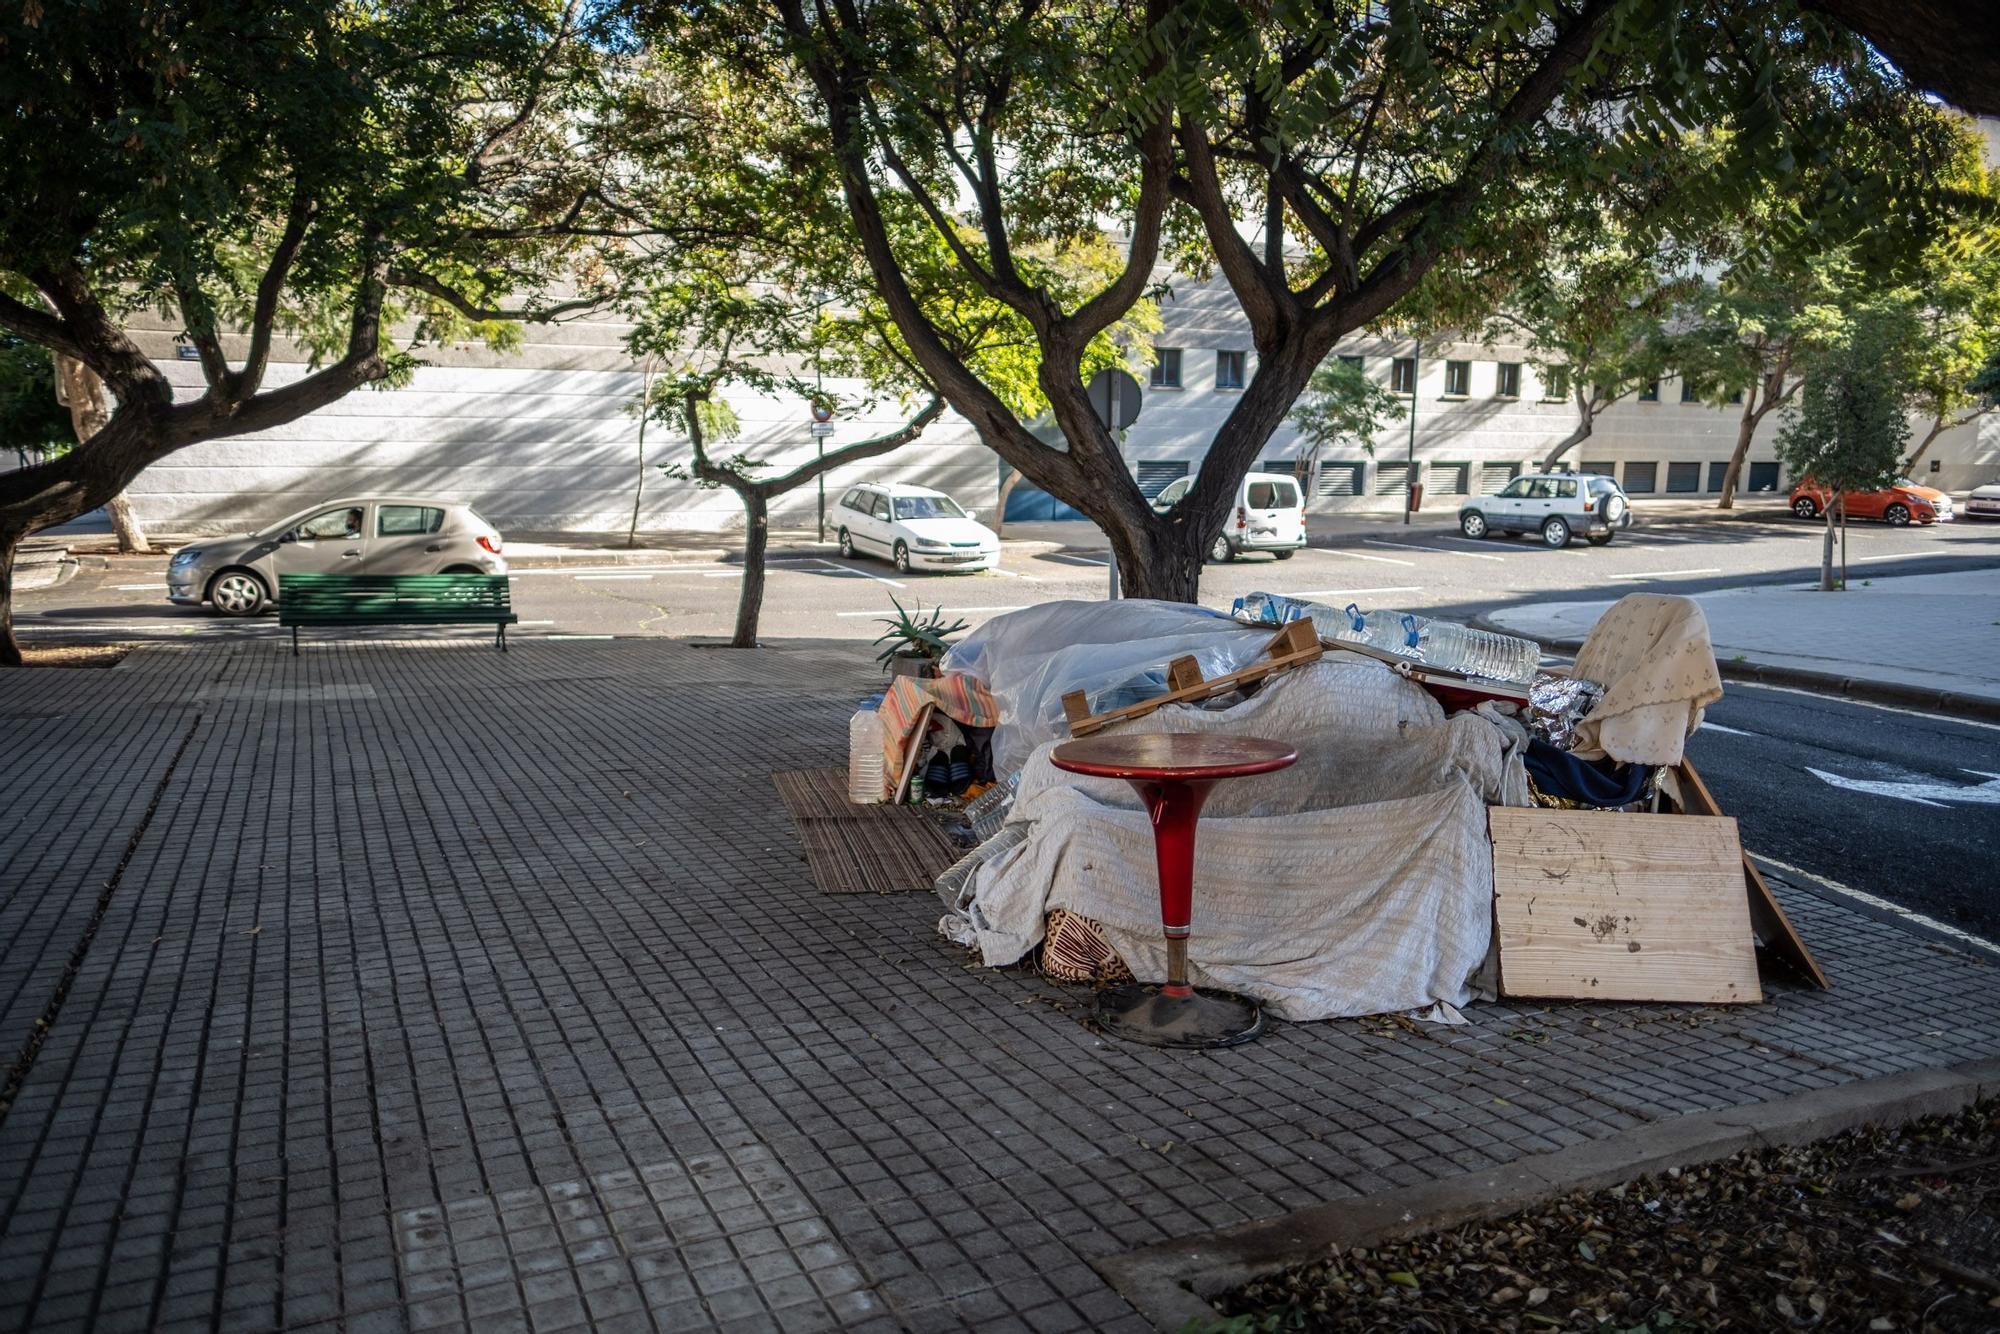 Situación de inseguridad en Azorín, junto al Pacho Camurria